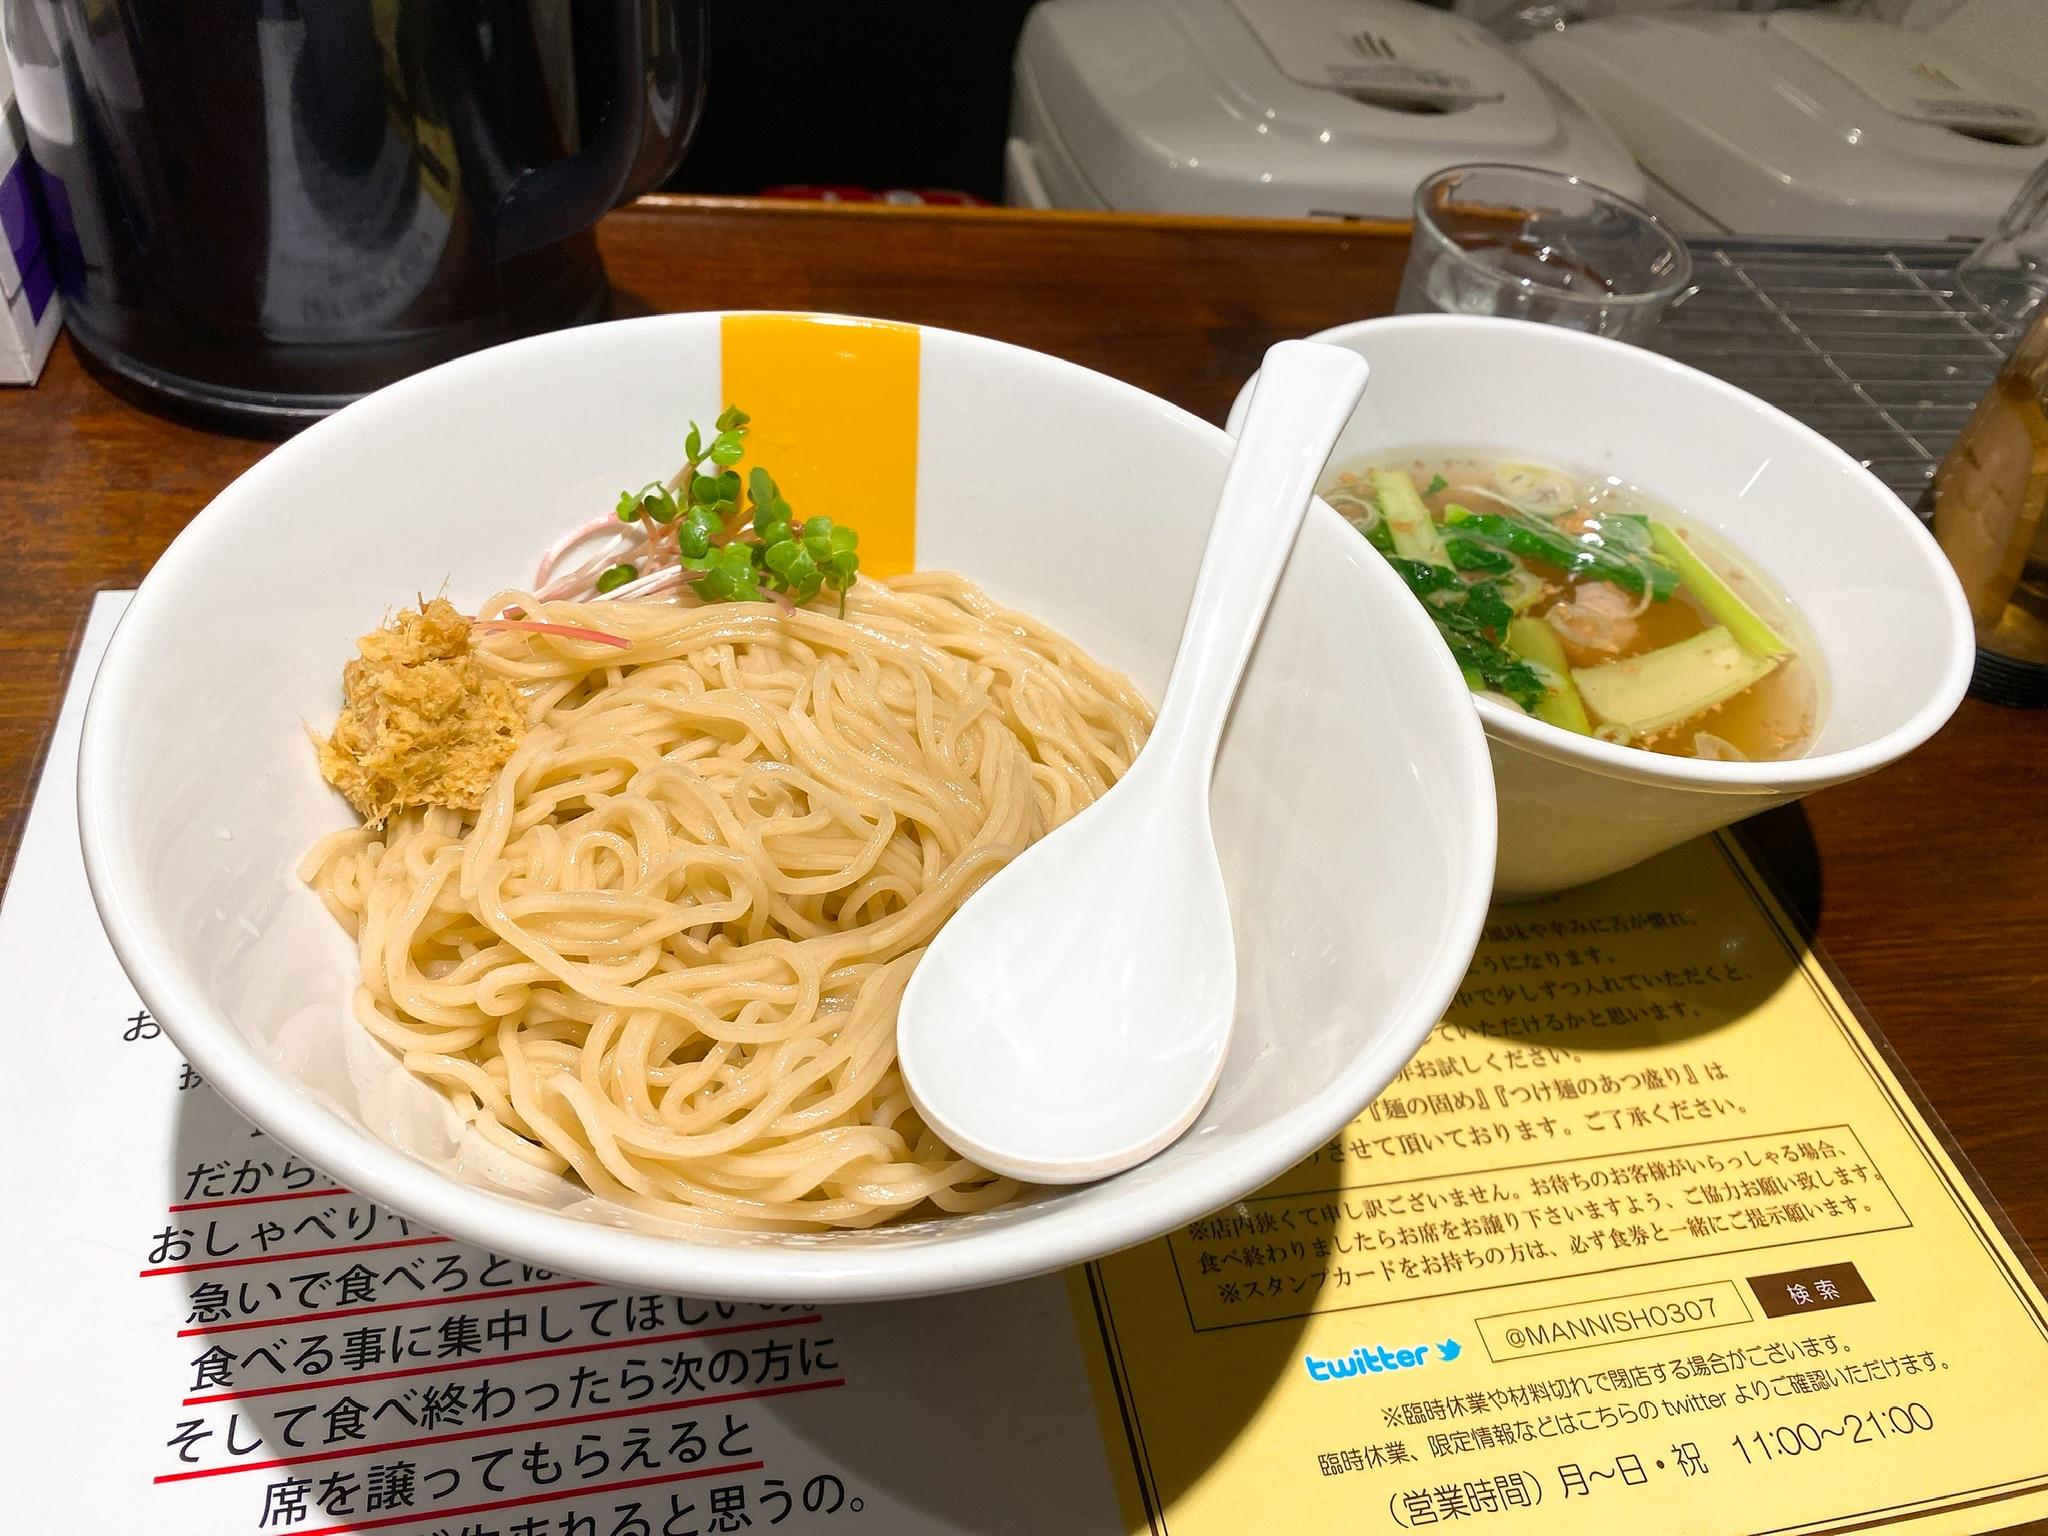 塩生姜らー麺専門店MANNISHの塩生姜つけ麺の写真